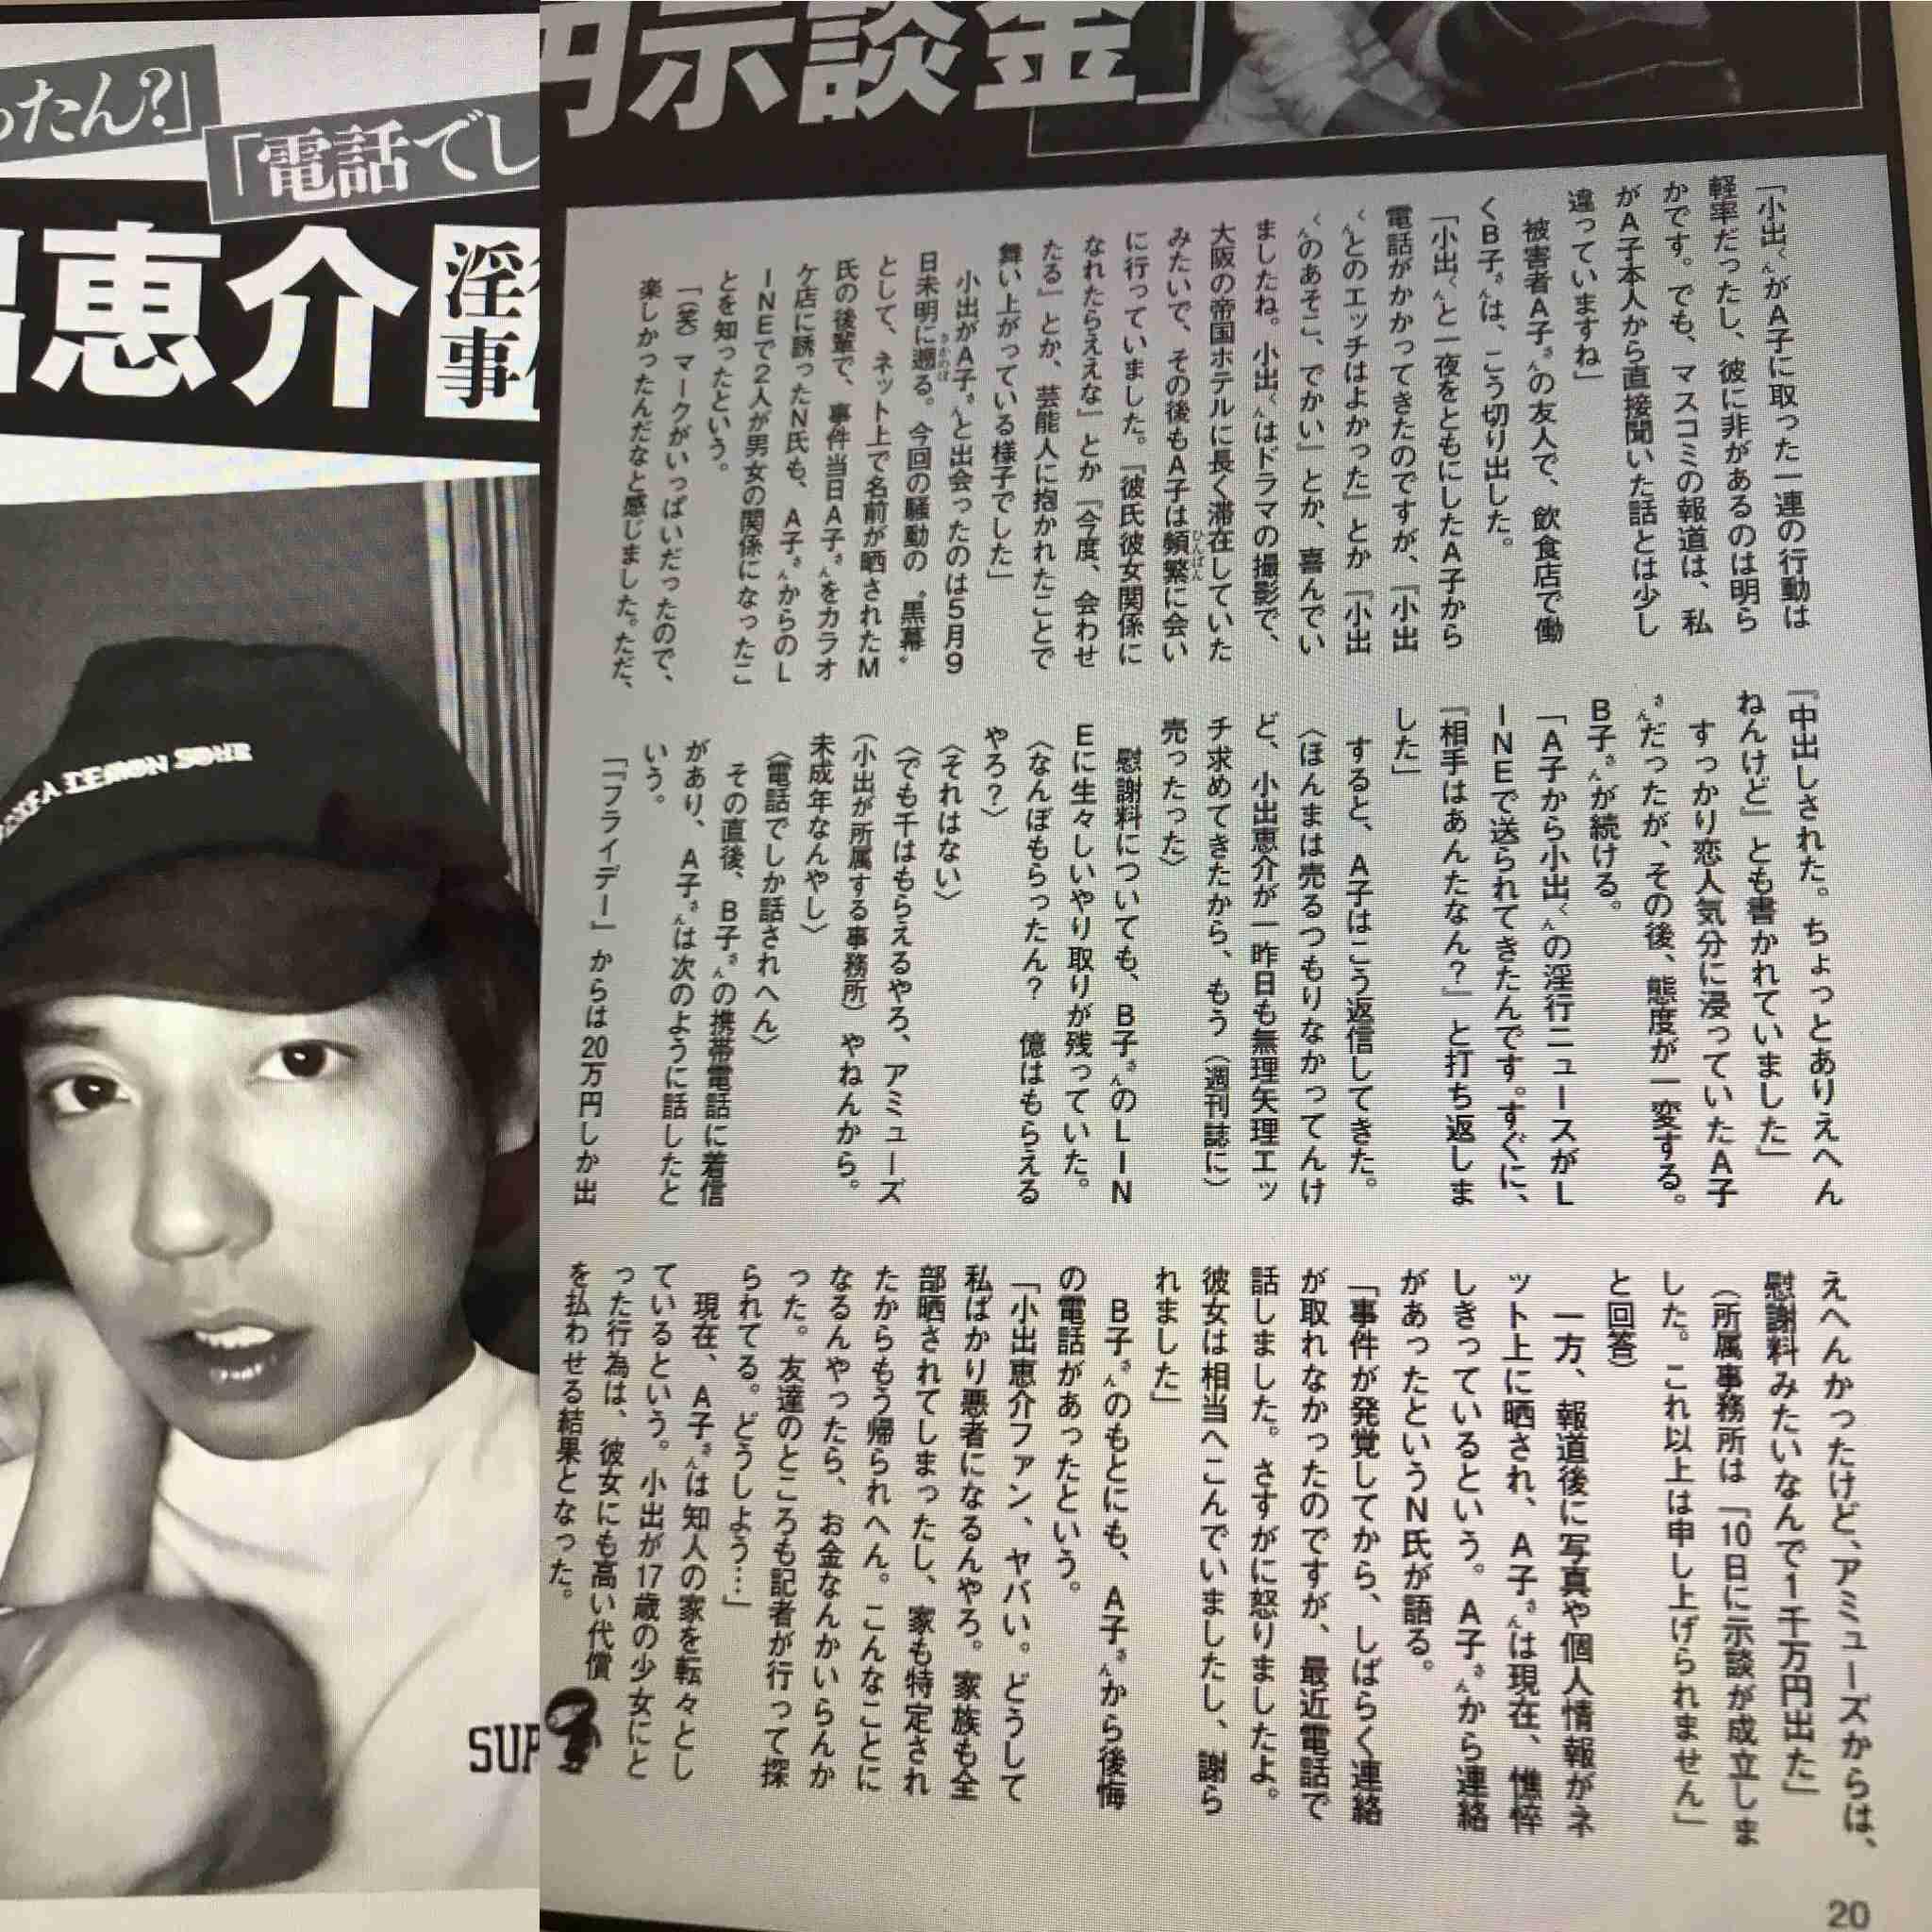 小出恵介主演ドラマお蔵入り NHK「受信料で作られている、重い」 事務所と補償協議へ